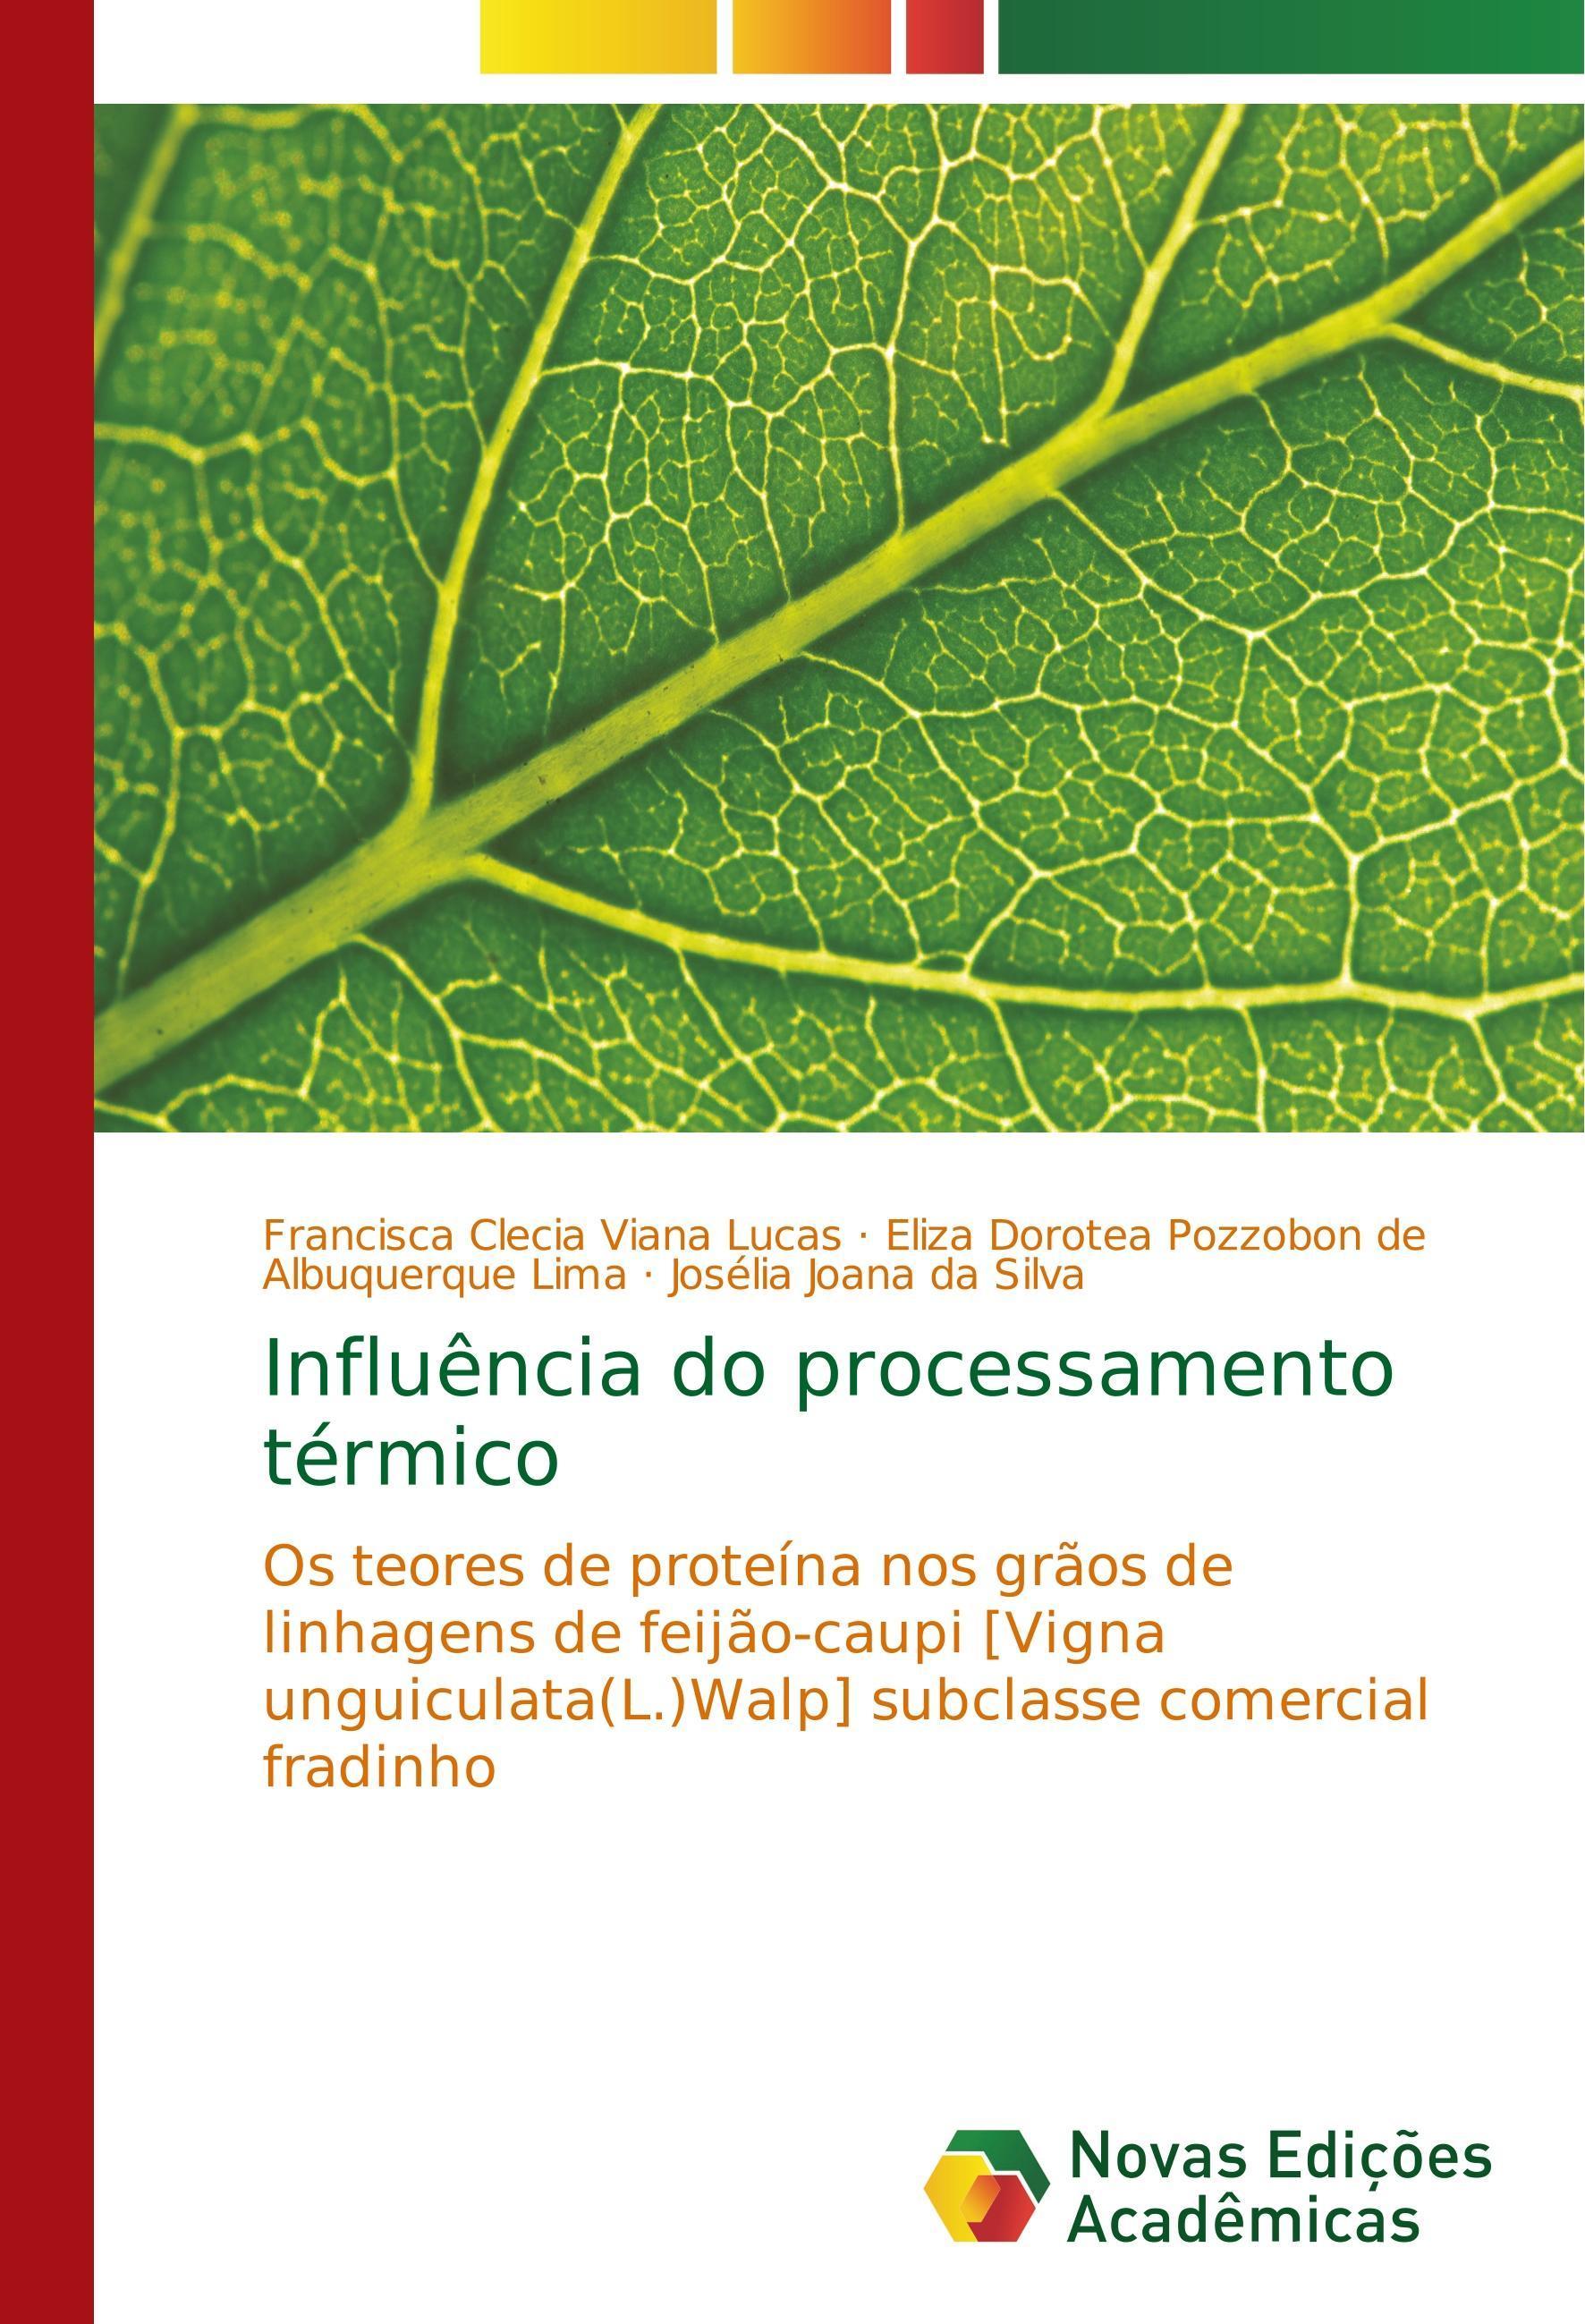 Influência do processamento térmico - Lucas, Francisca Clecia Viana Pozzobon de Albuquerque Lima, Eliza Dorotea da Silva, Josélia Joana